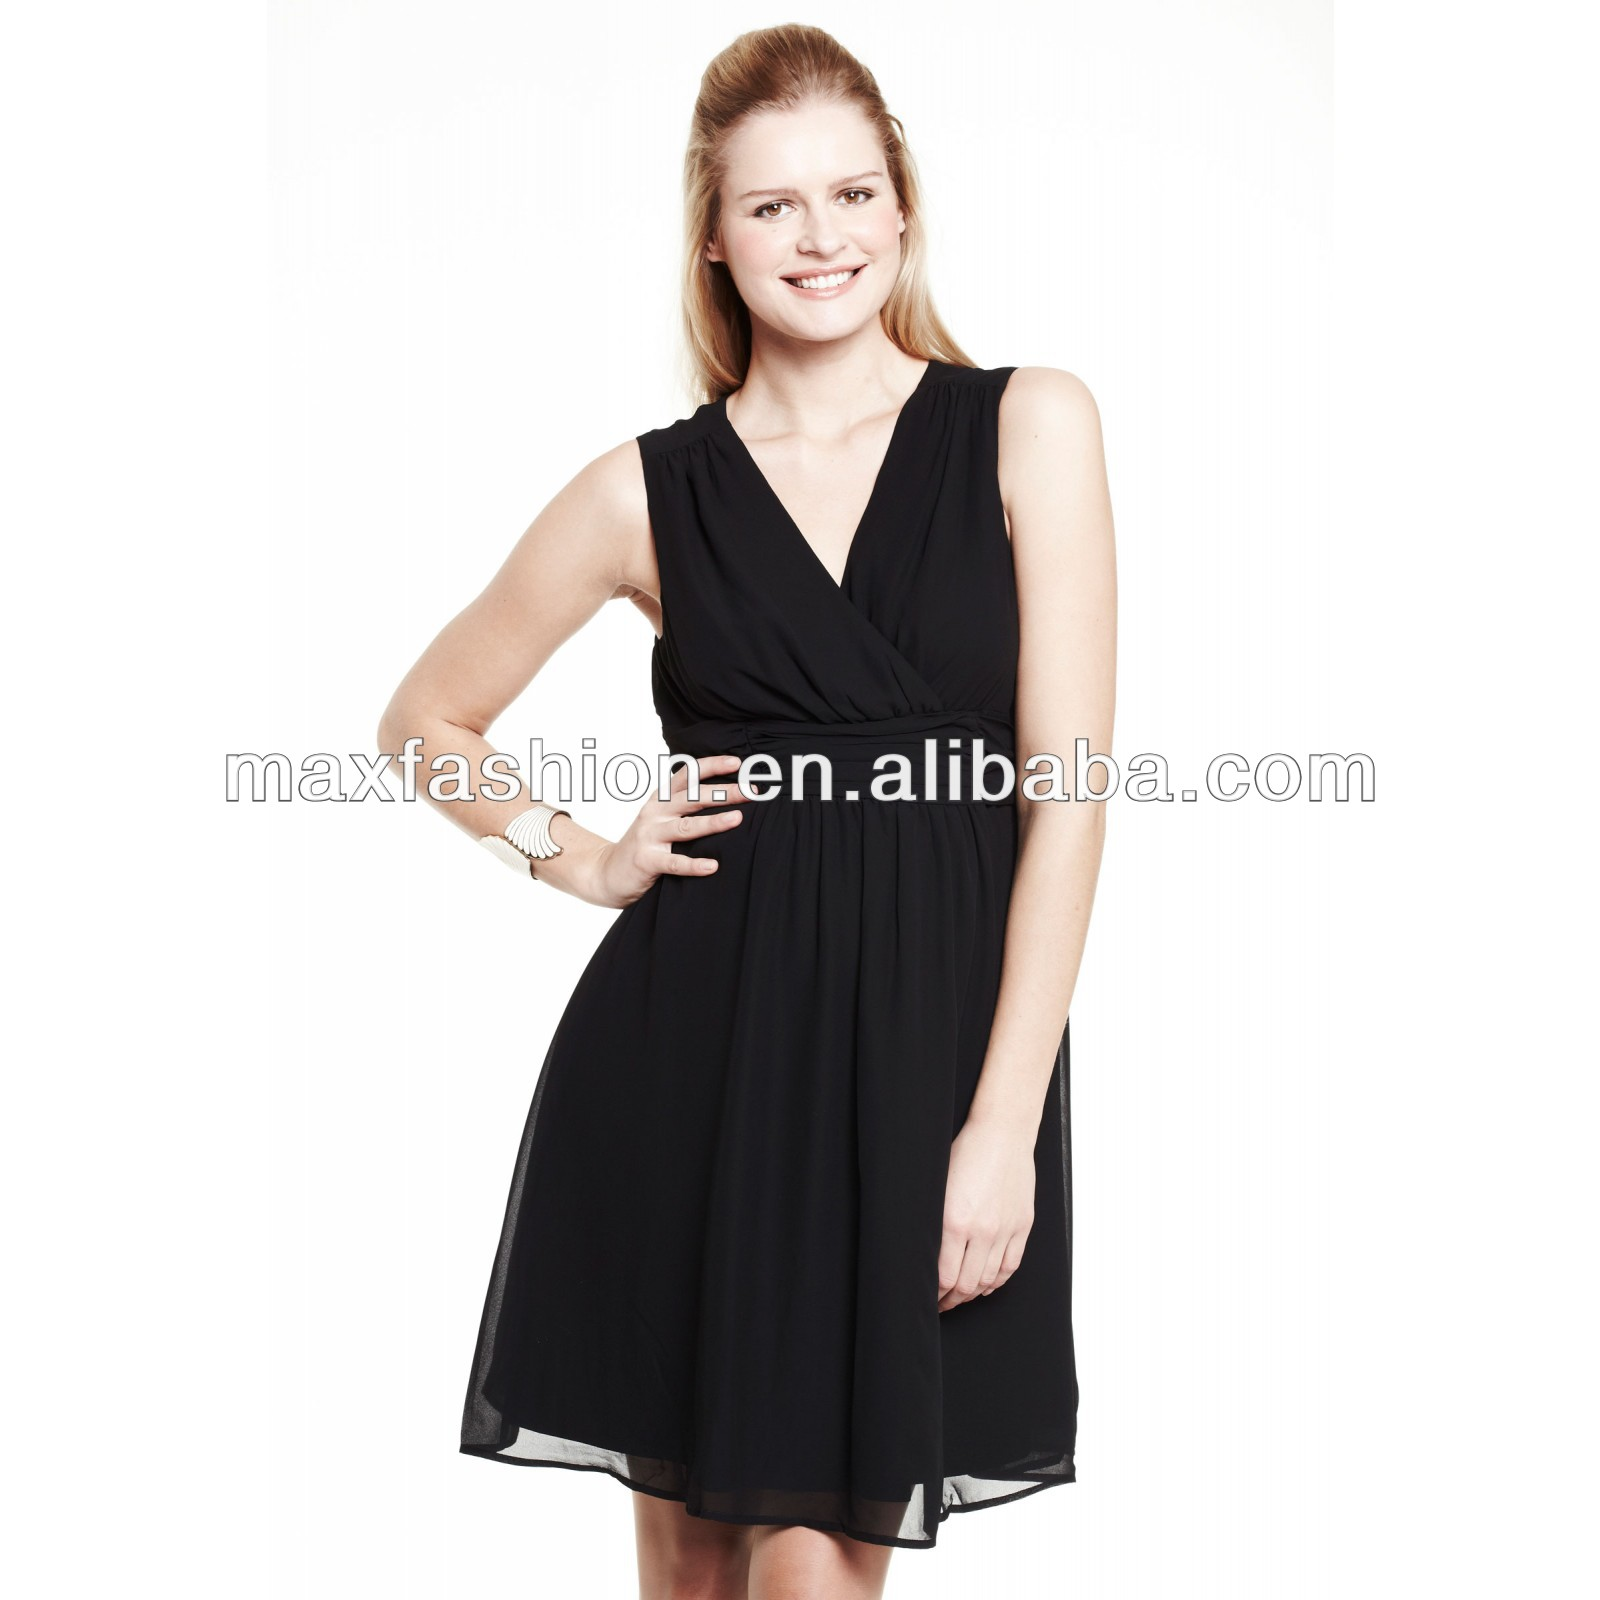 Plus Size Black Cocktail Dress For Fat Lady - Buy Plus Size Black ...